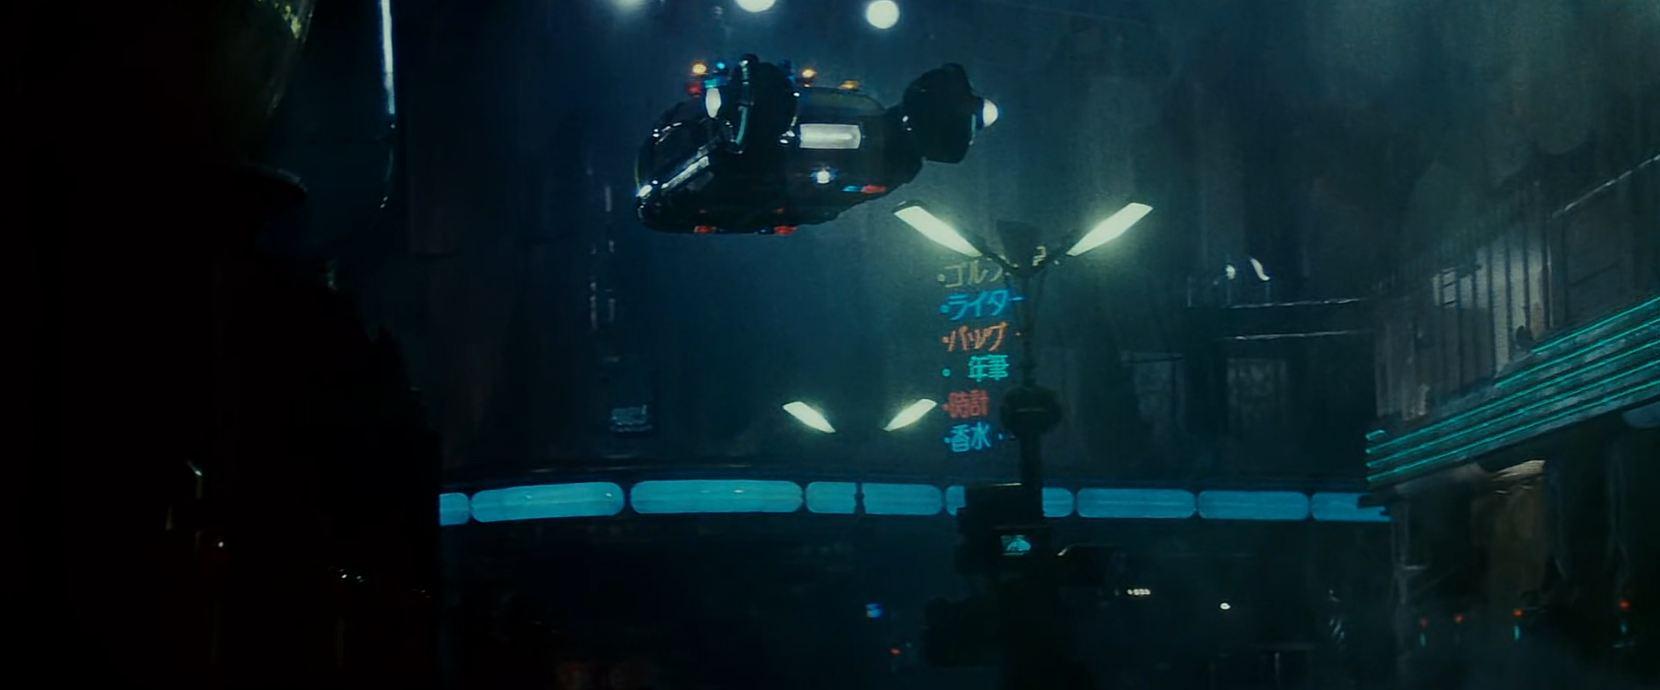 Blade Runner   Scene With Flying Cars